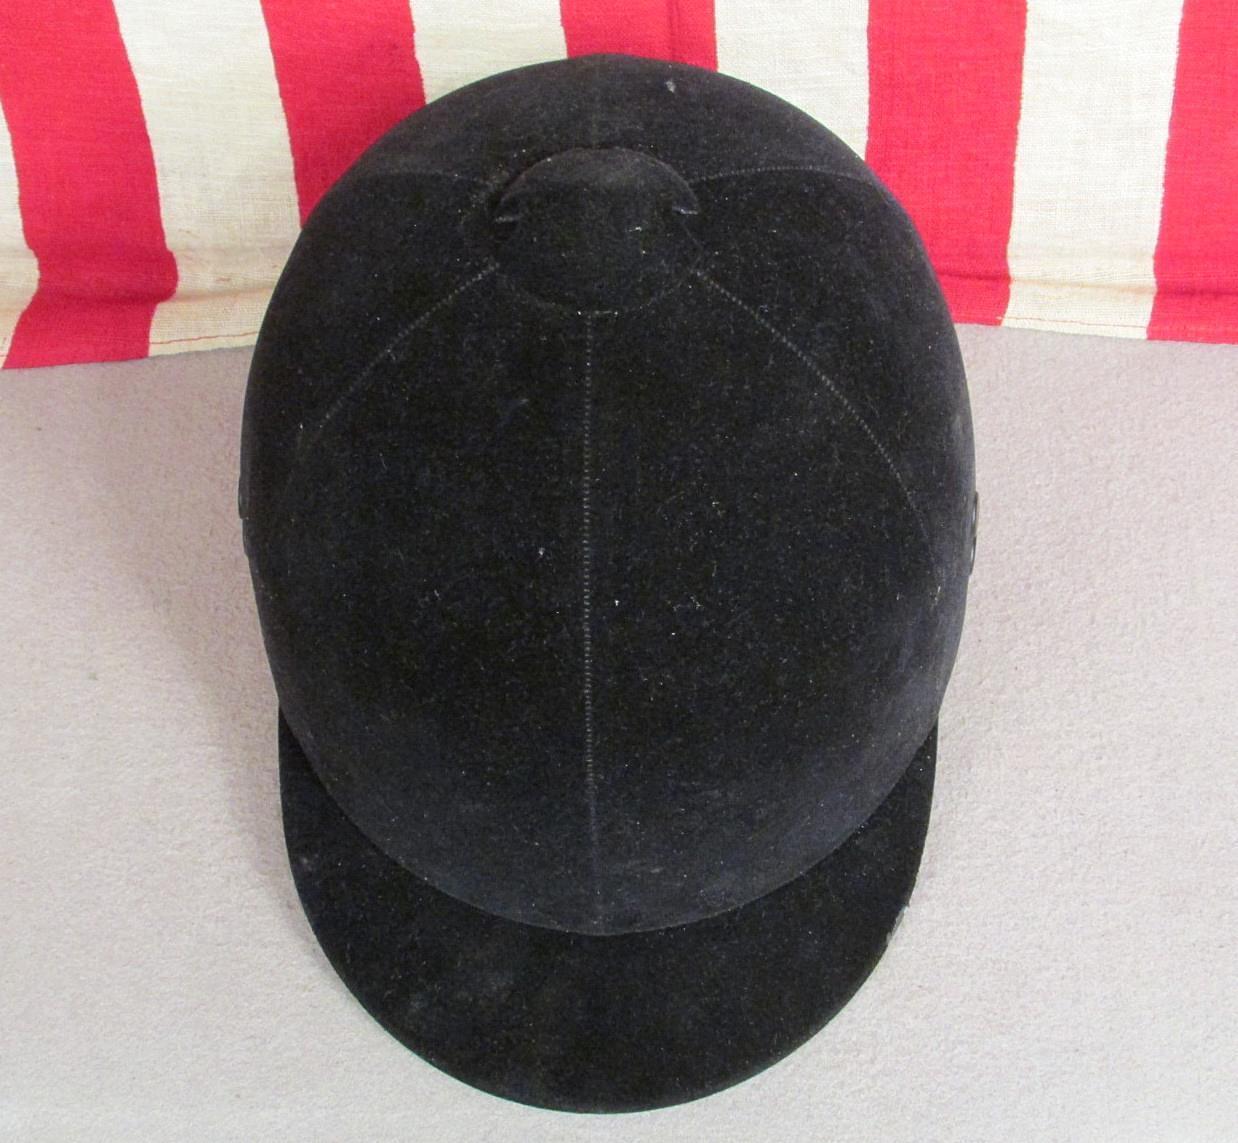 Vintage mundo tapa de terciopelo negro Wendover mundo Vintage ecuestre equitación casco Talla 6 1/2 5d86ef